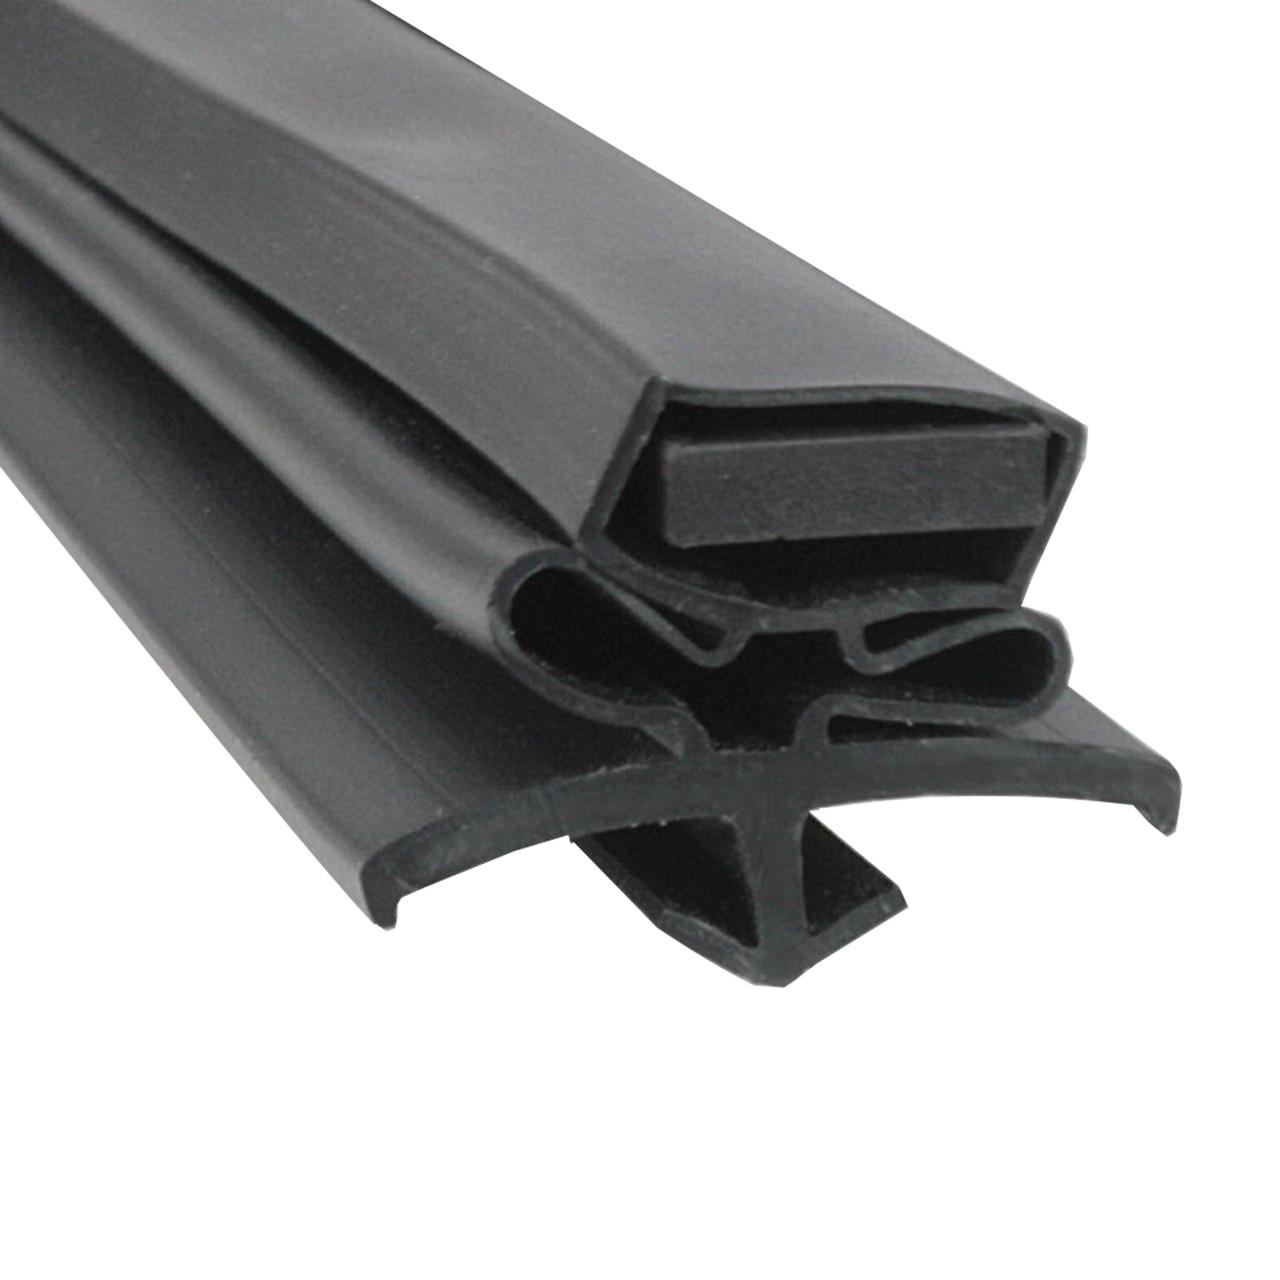 Perlick Cooler and Freezer Door Gasket Profile 016 19 3/4 x 23 7/8 (Style 2209)